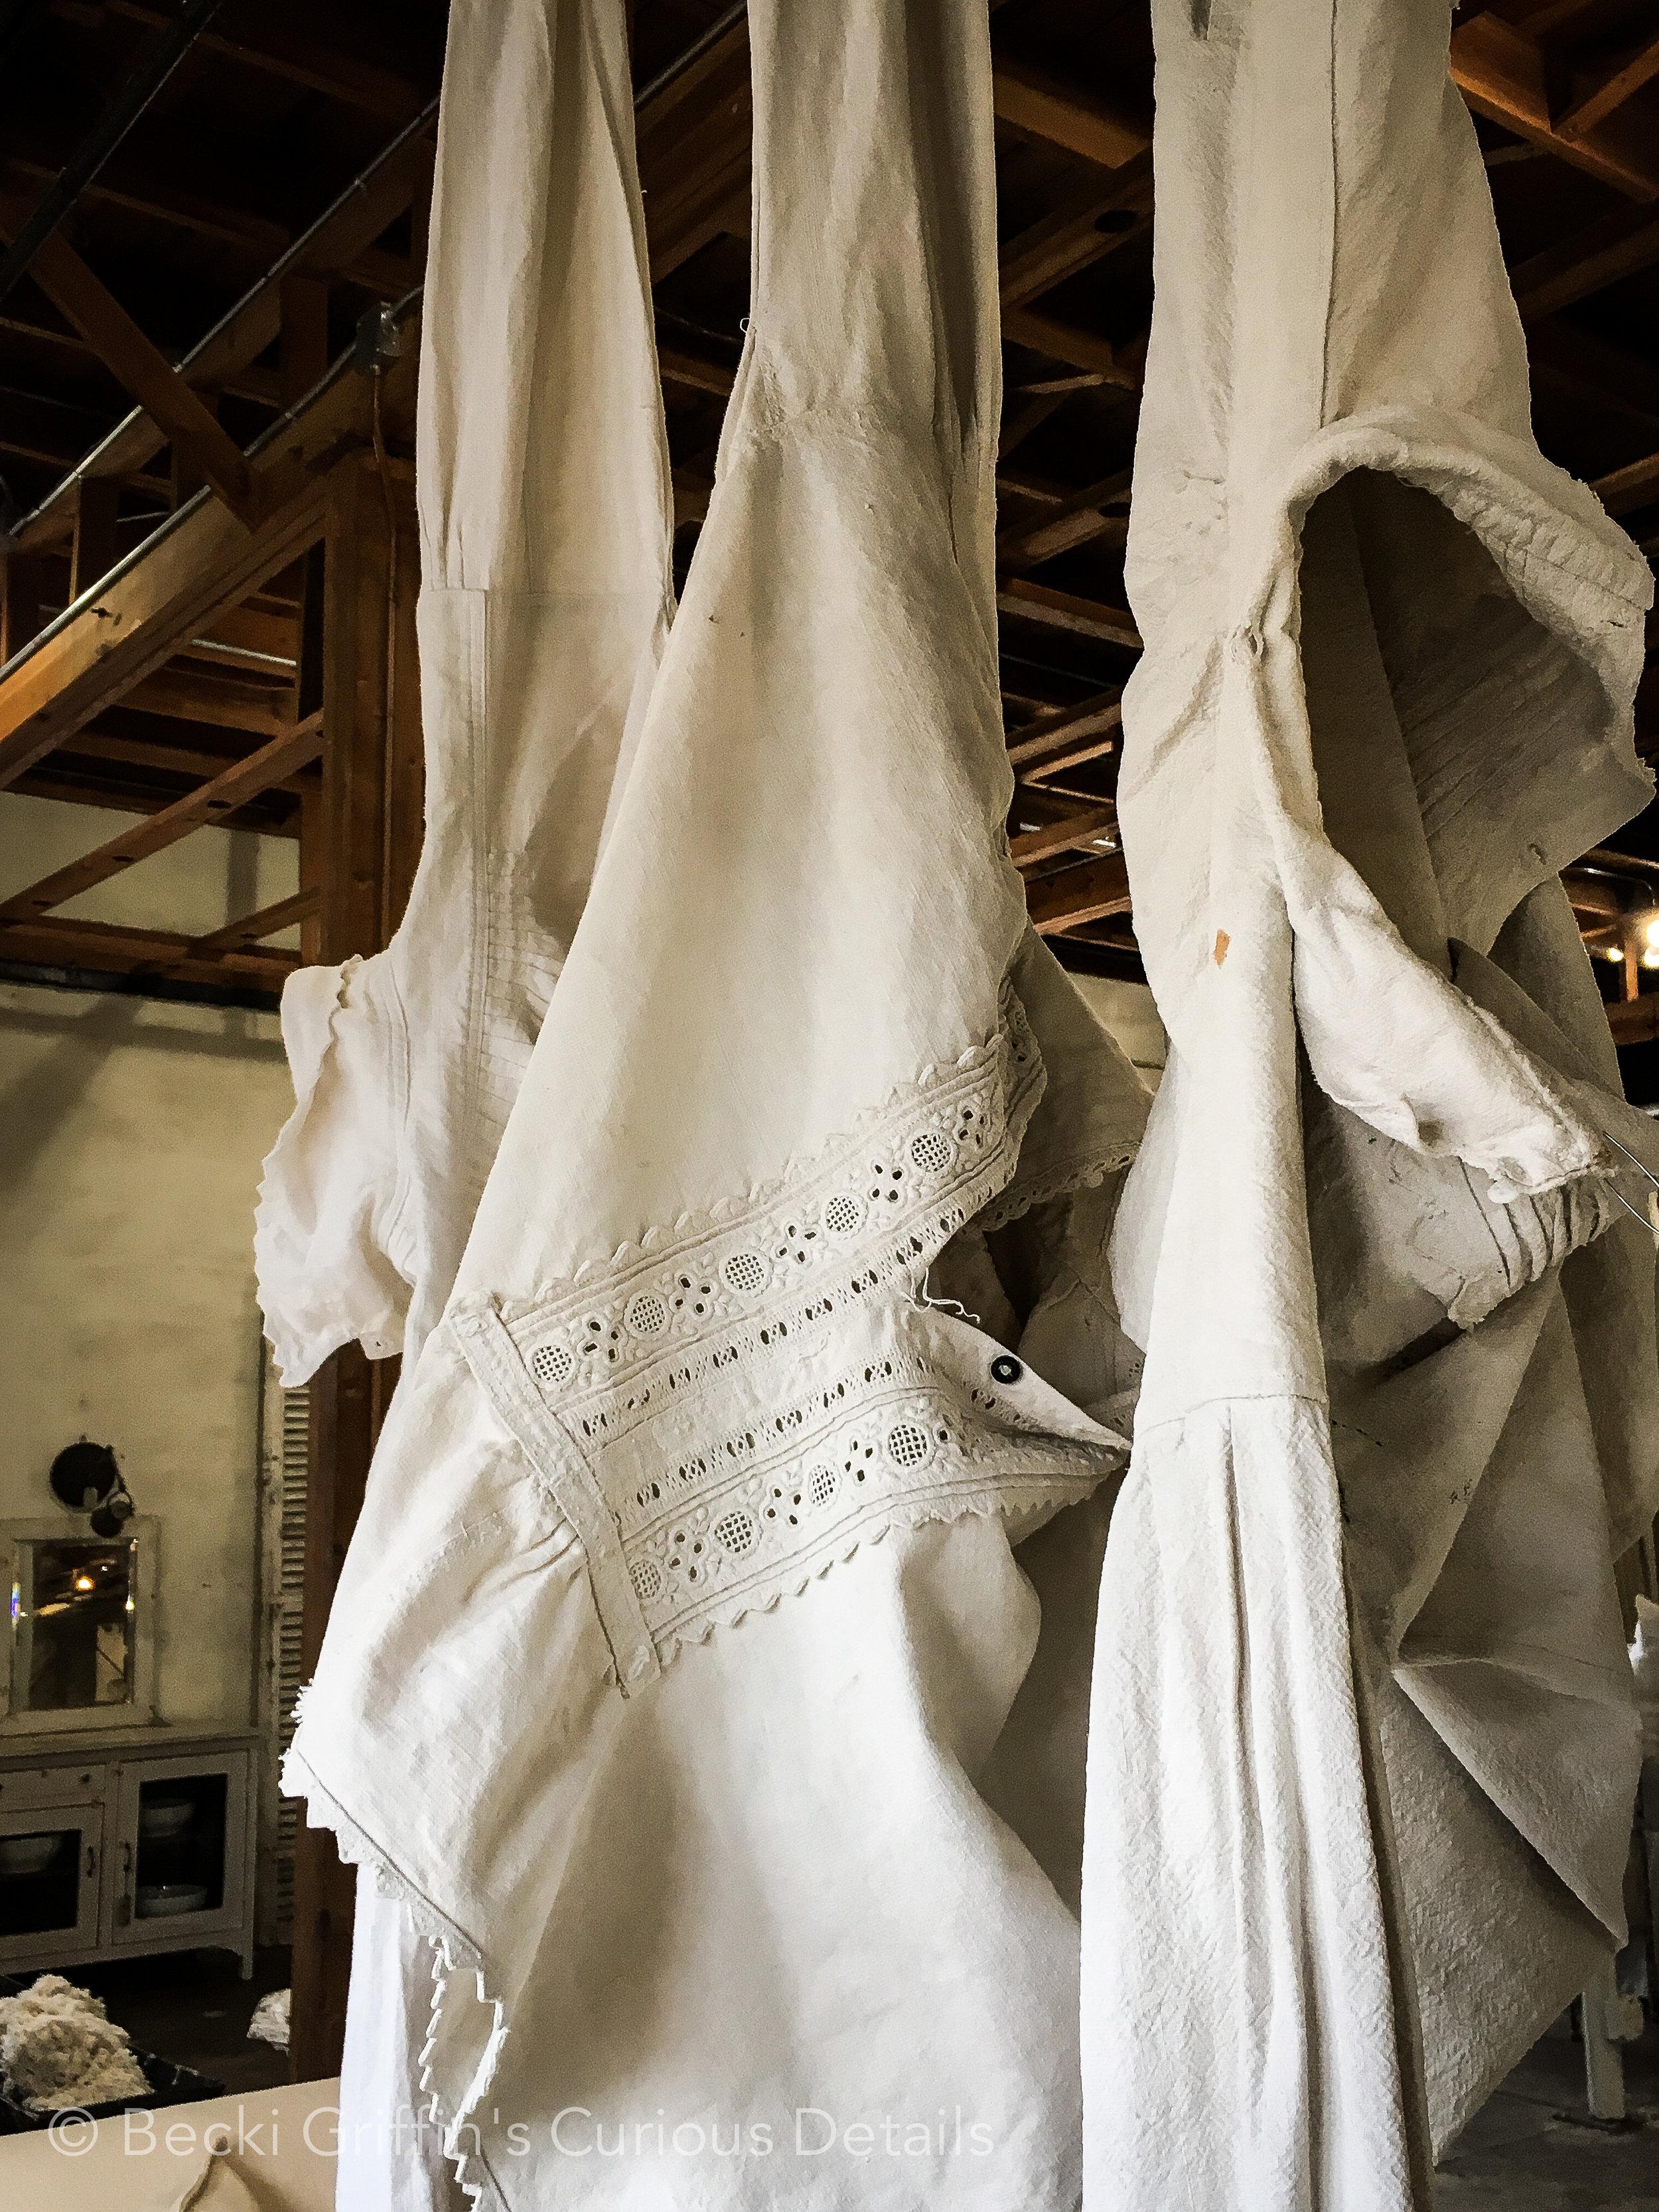 Becki Griffin's Curious Details_Room No. 5 Carol Bolton Unloading Sale-3.jpg